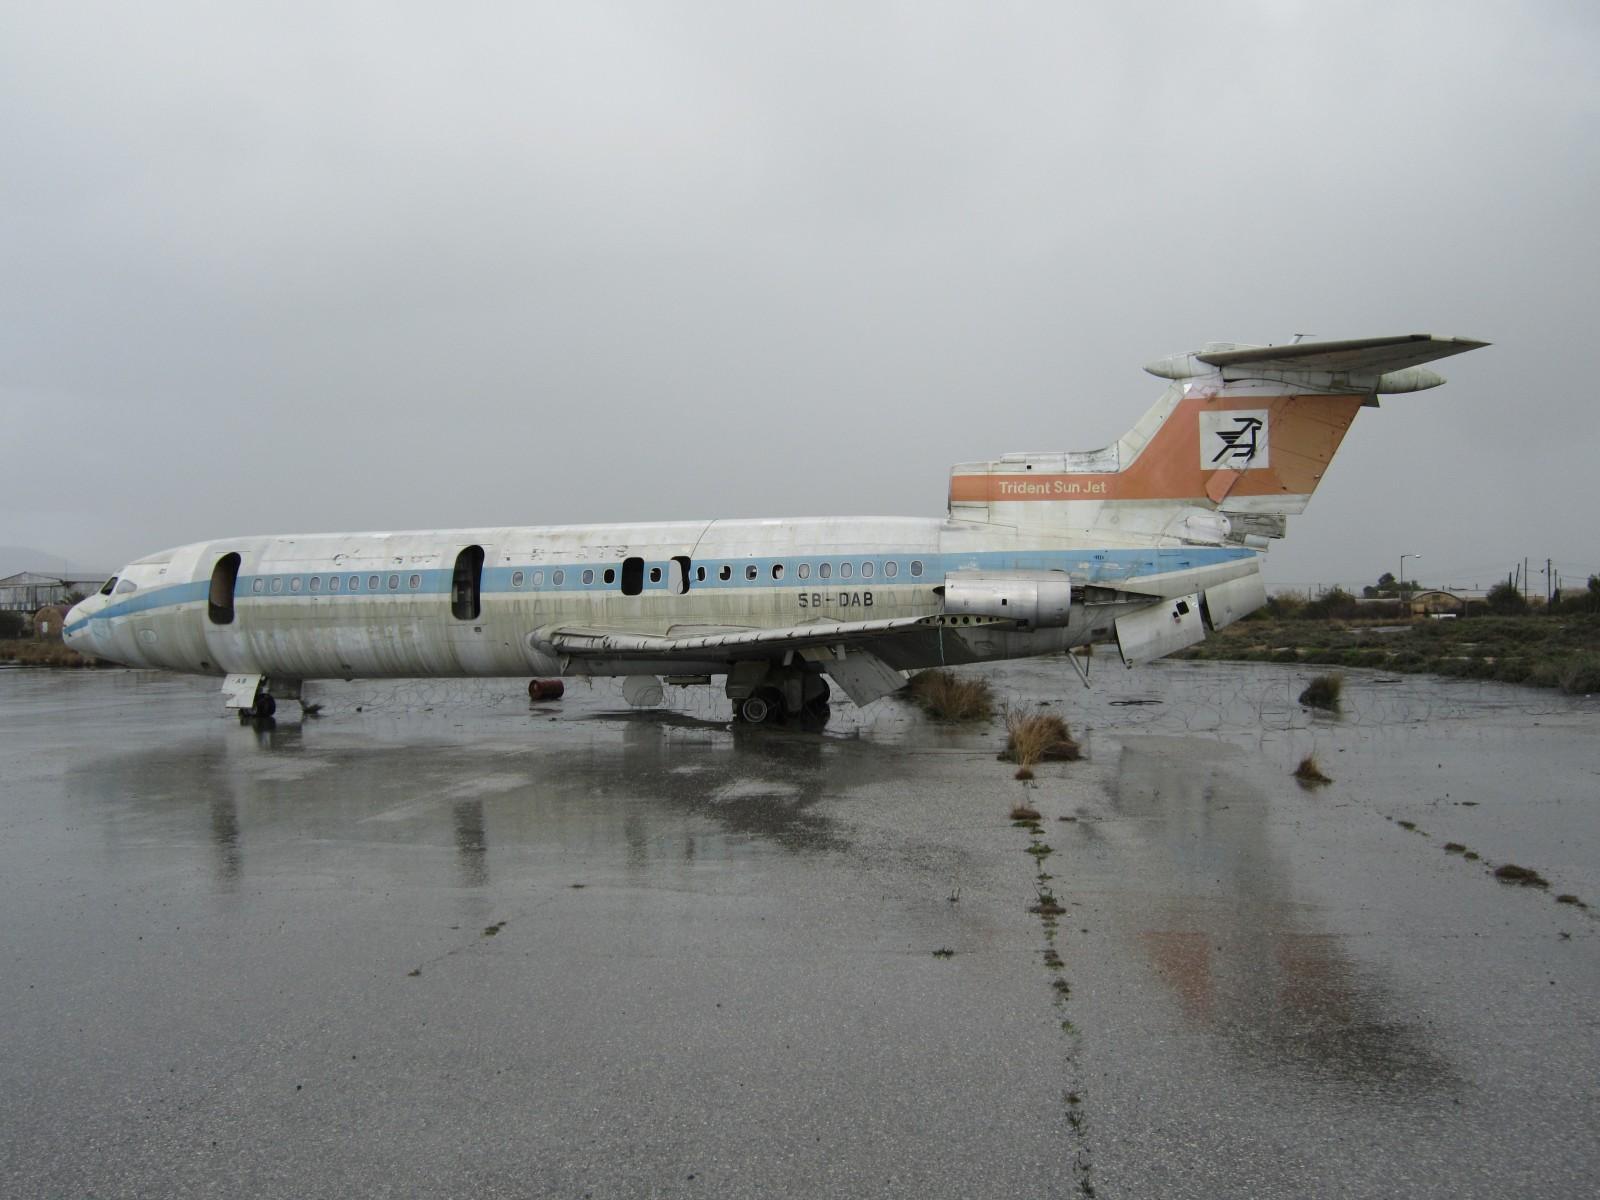 Zypern_Flughafen_Nikosia_Trident